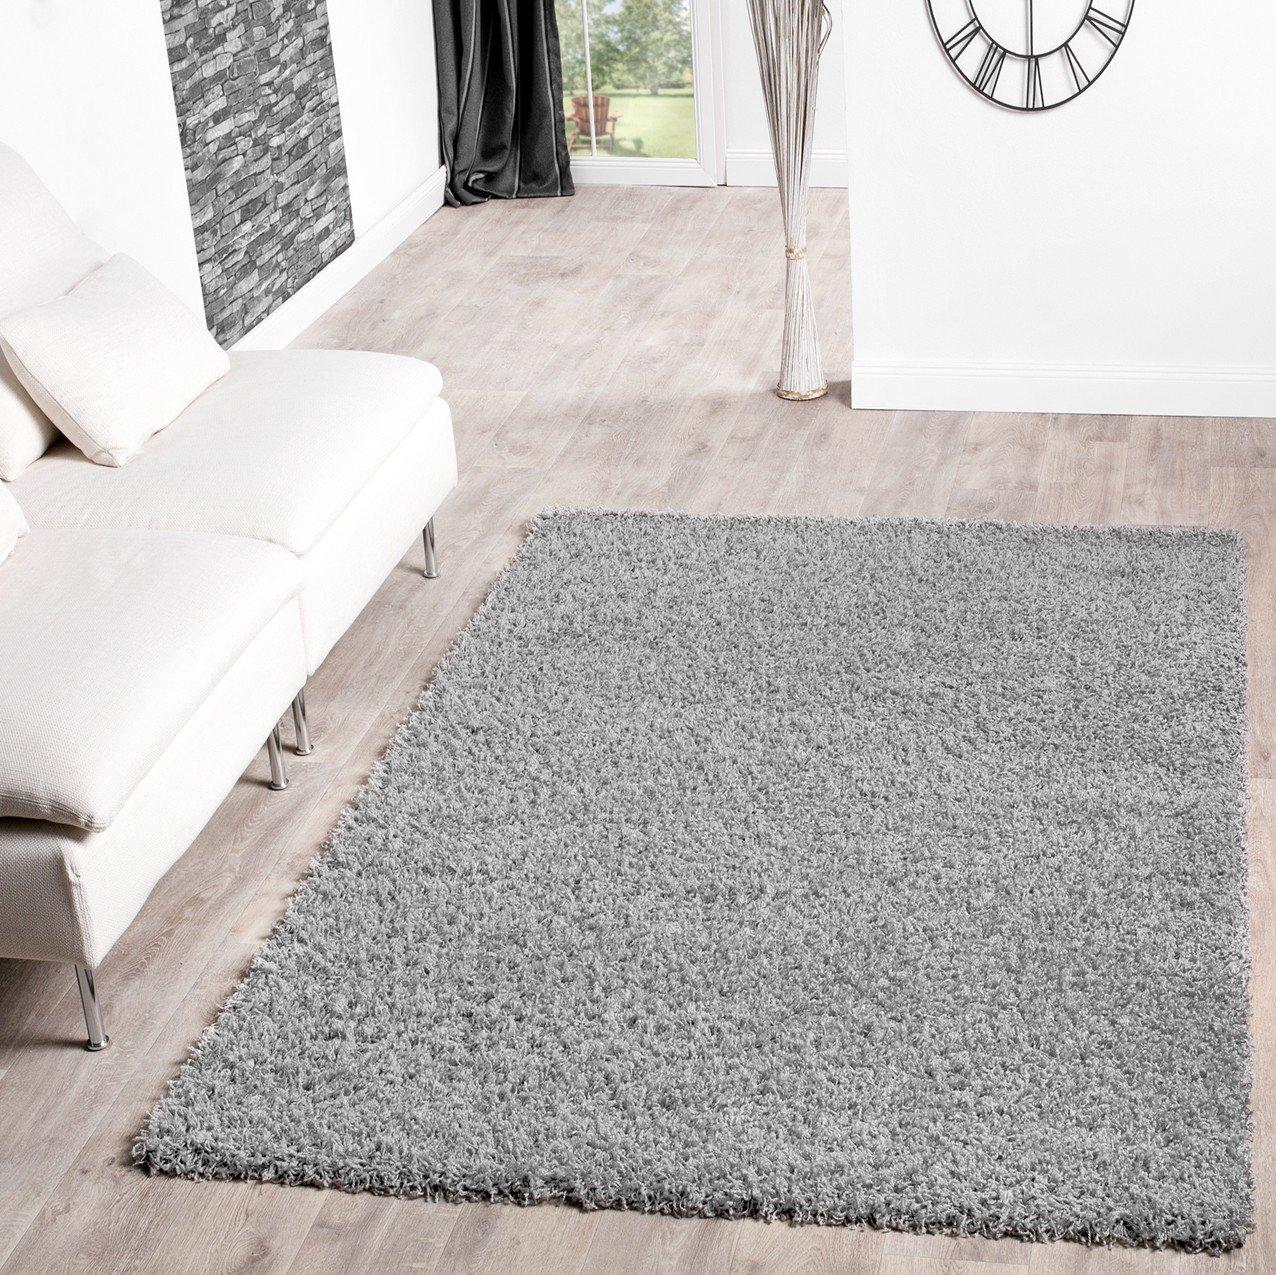 Teppich 300x400  Shaggy Teppich Hochflor Langflor Teppiche Wohnzimmer Preishammer ...